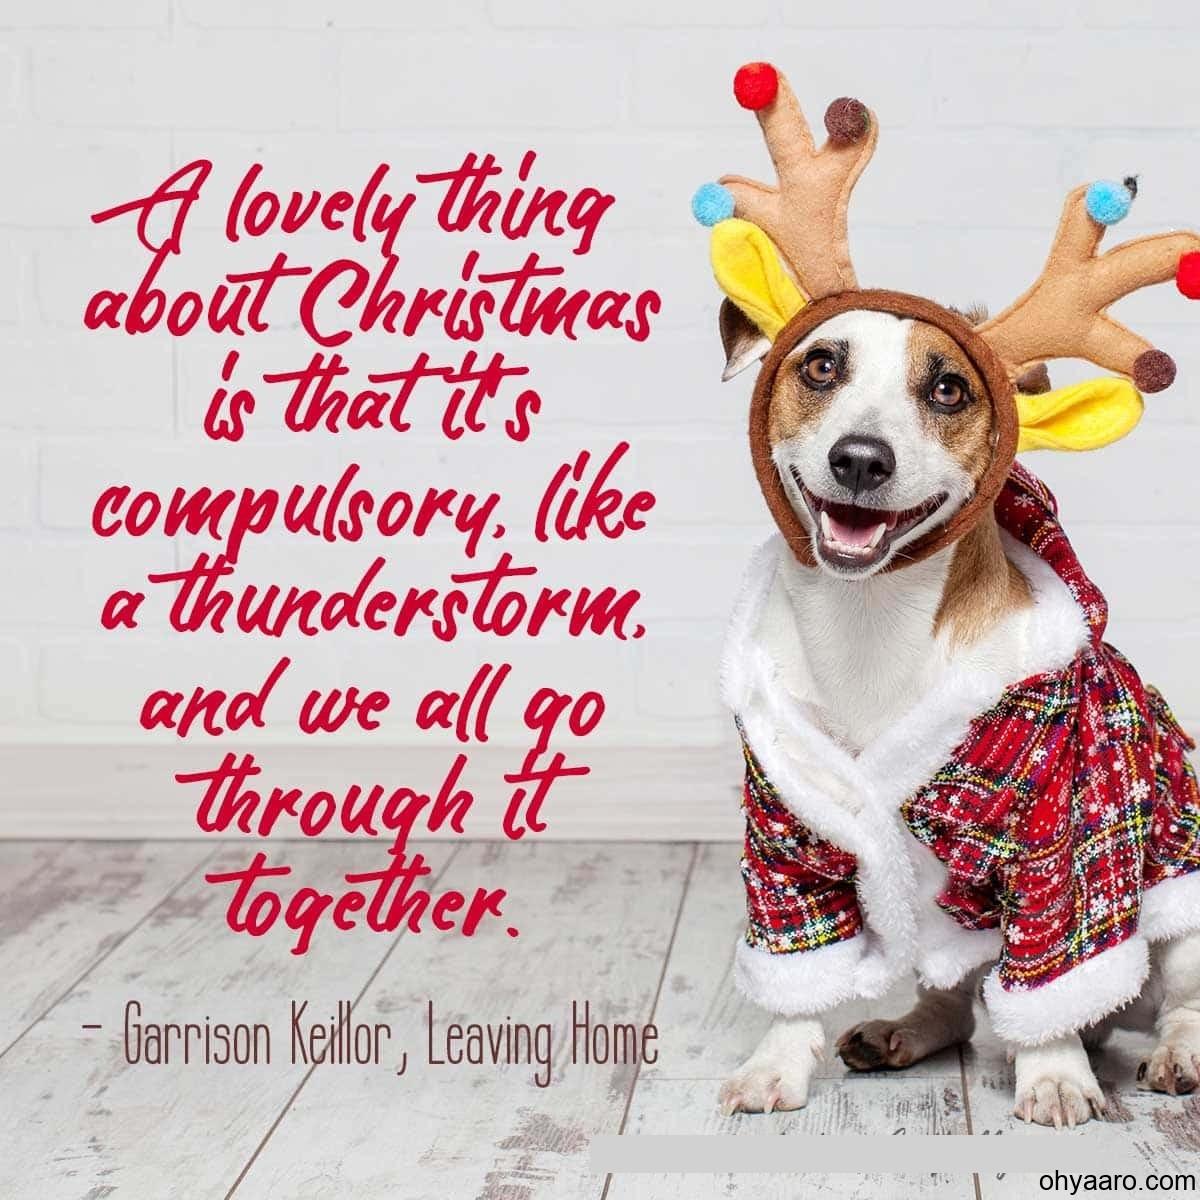 Funny Dog Image on Christmas Day